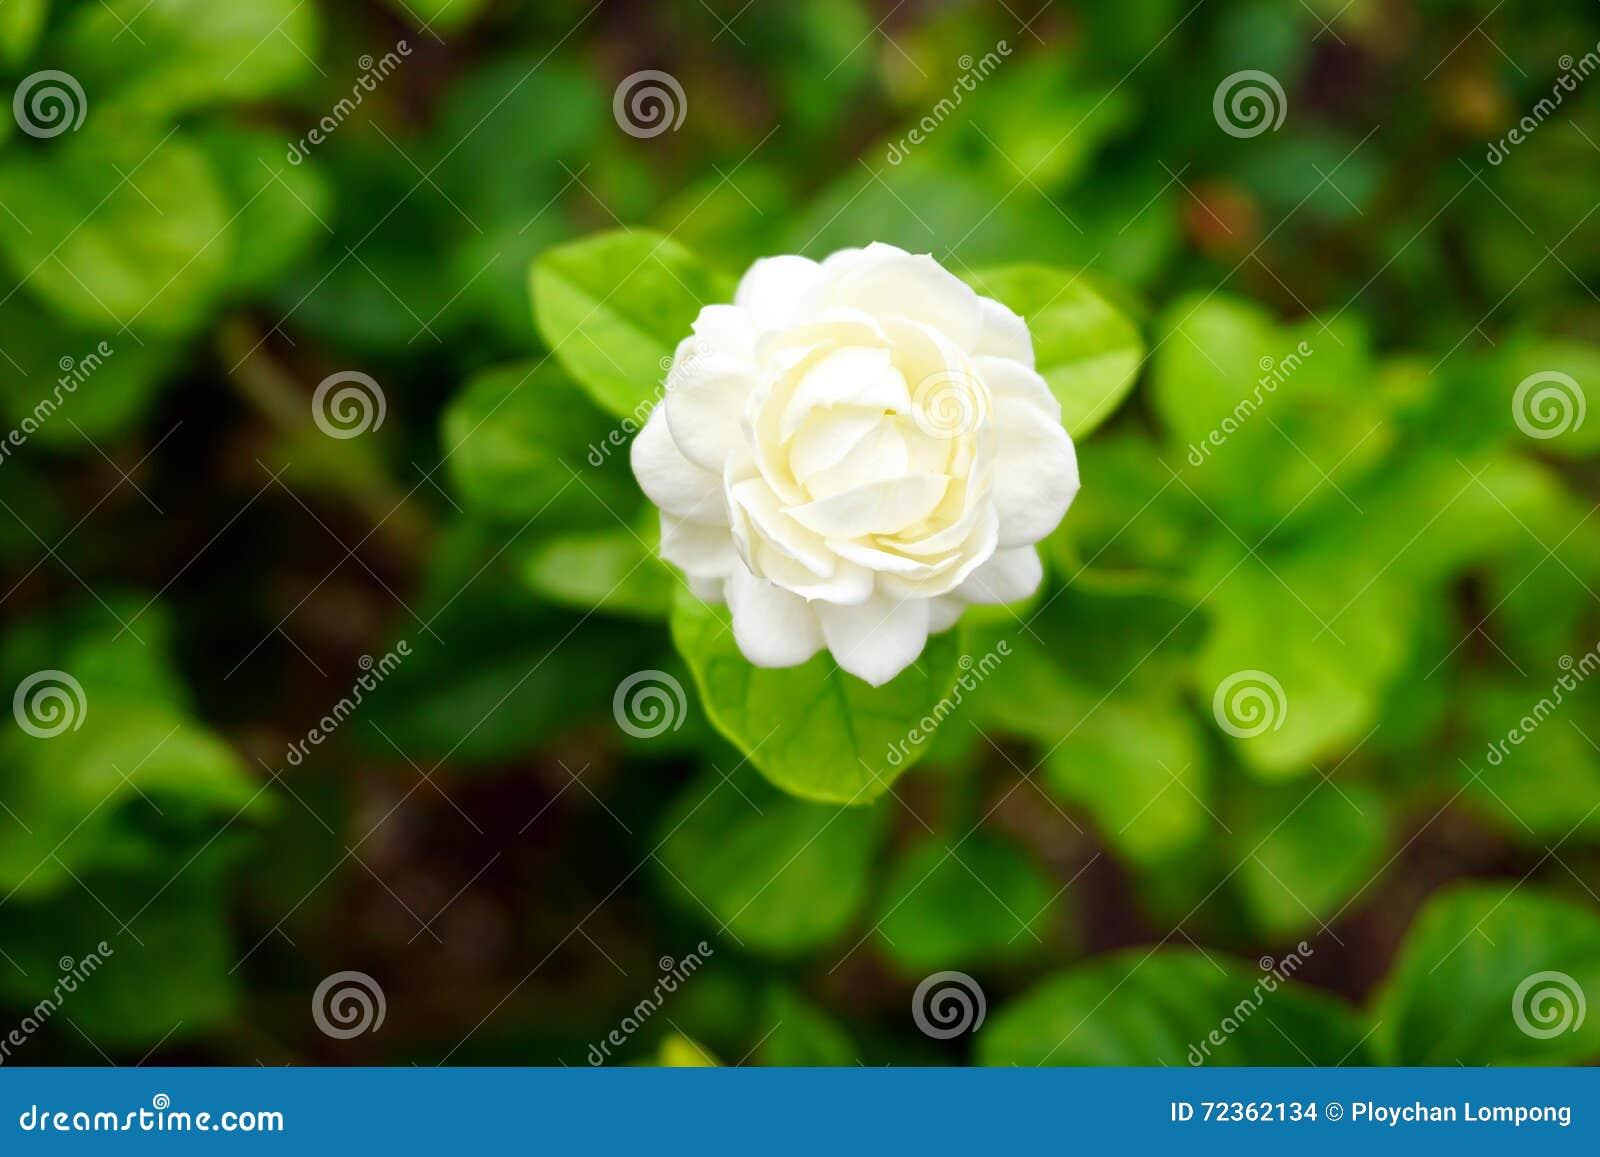 白花,茉莉花(Jasminum sambac L )